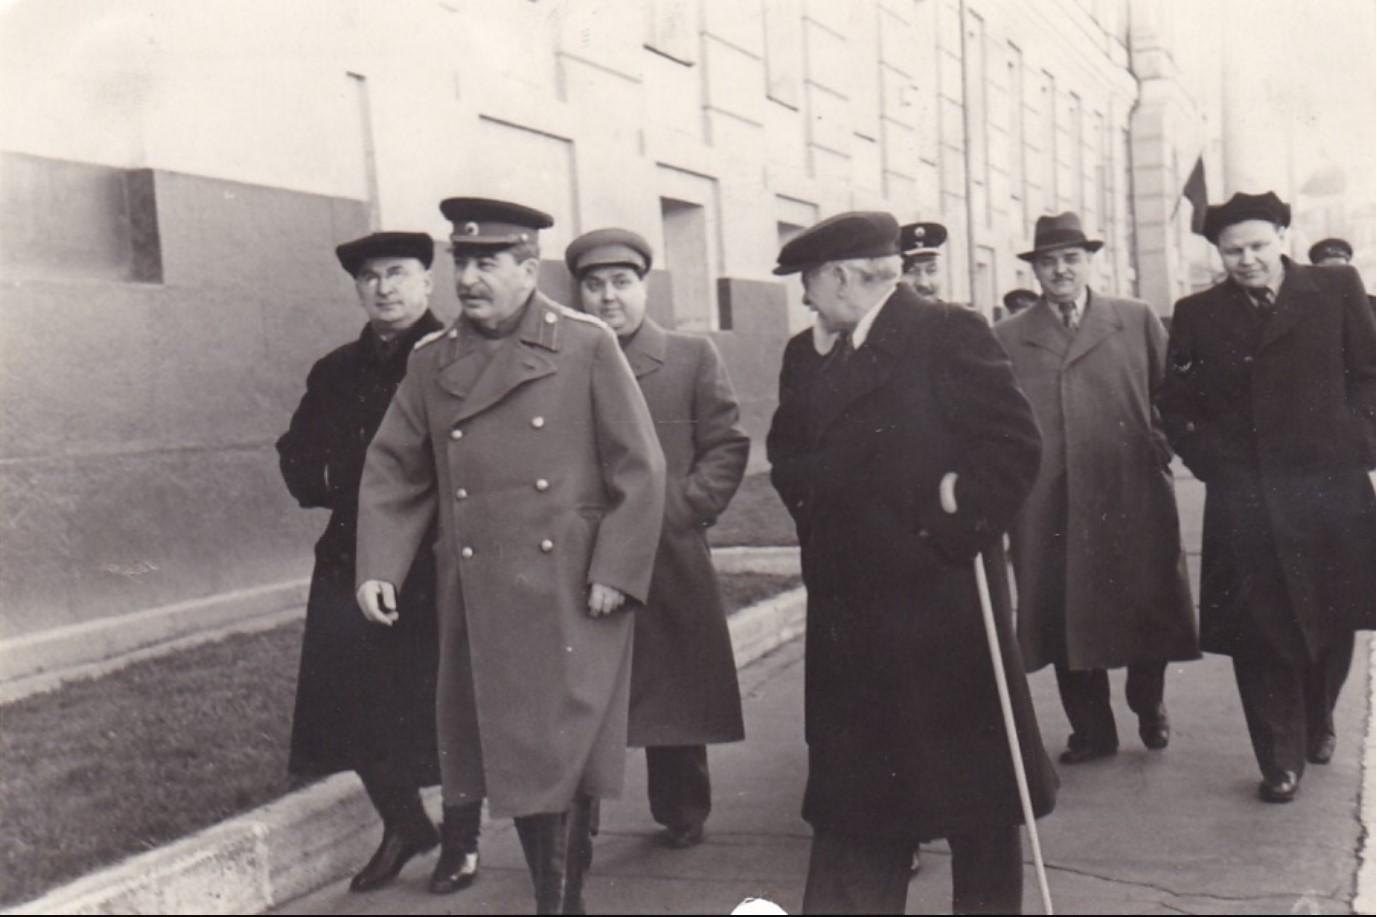 1945. Сталин, Берия, Маленков, Шверник и др. 1 мая